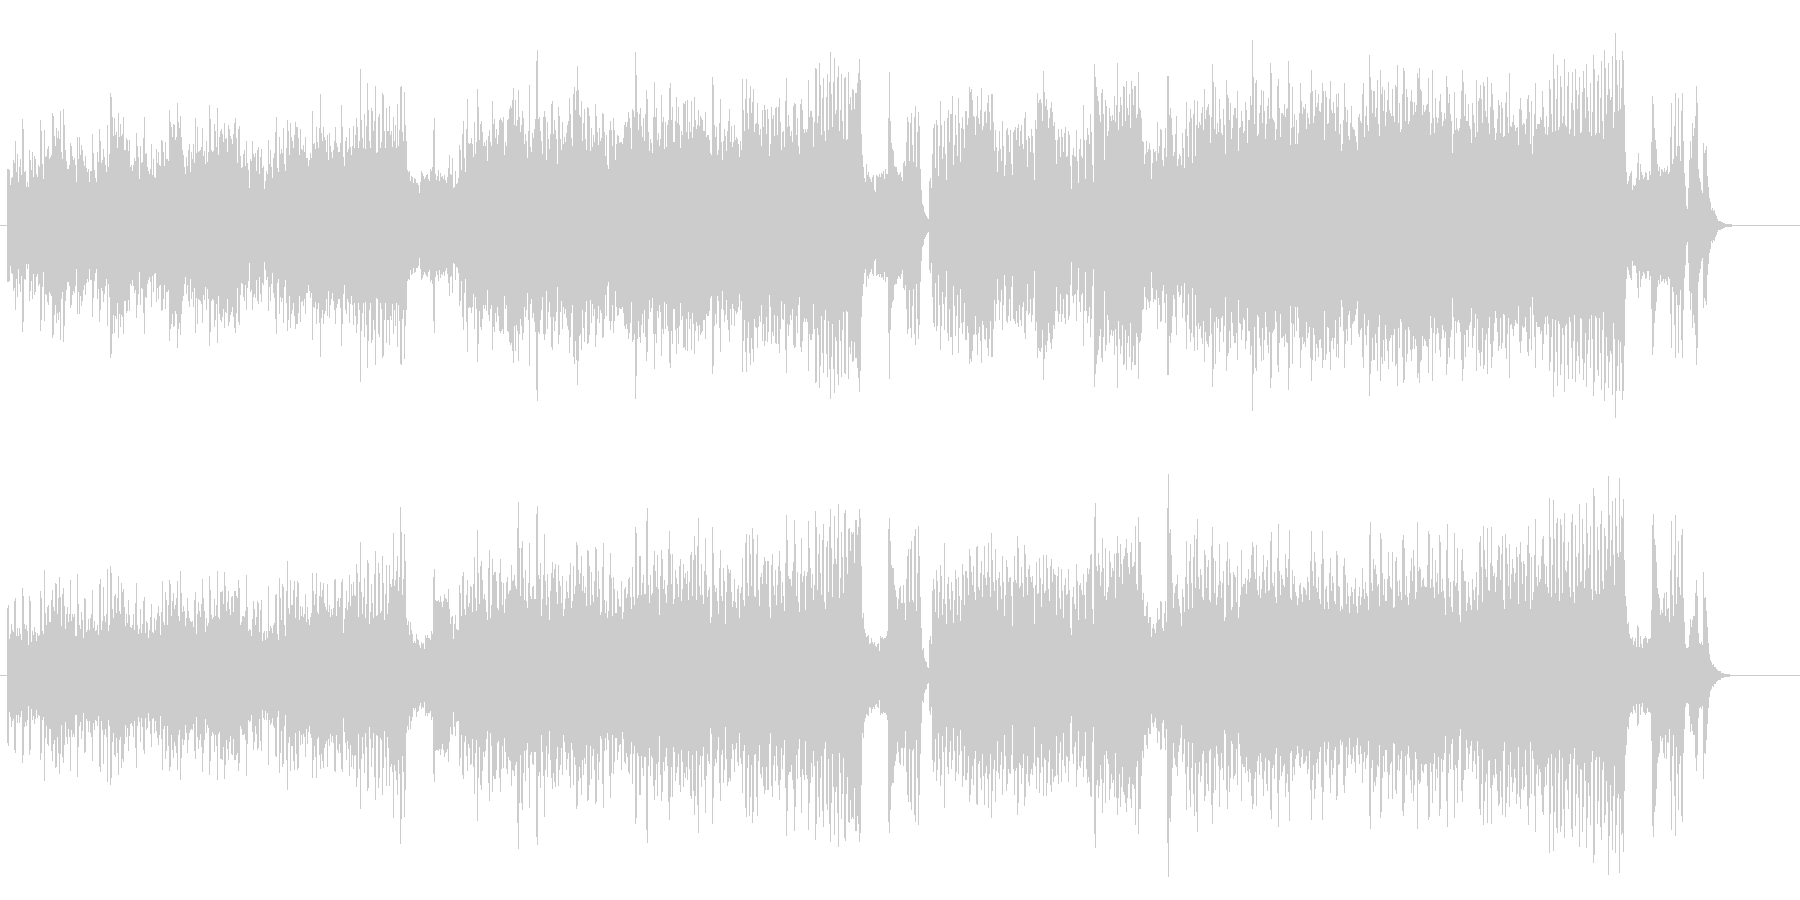 キャッチなメリーゴーラウンド風クラシックの未再生の波形